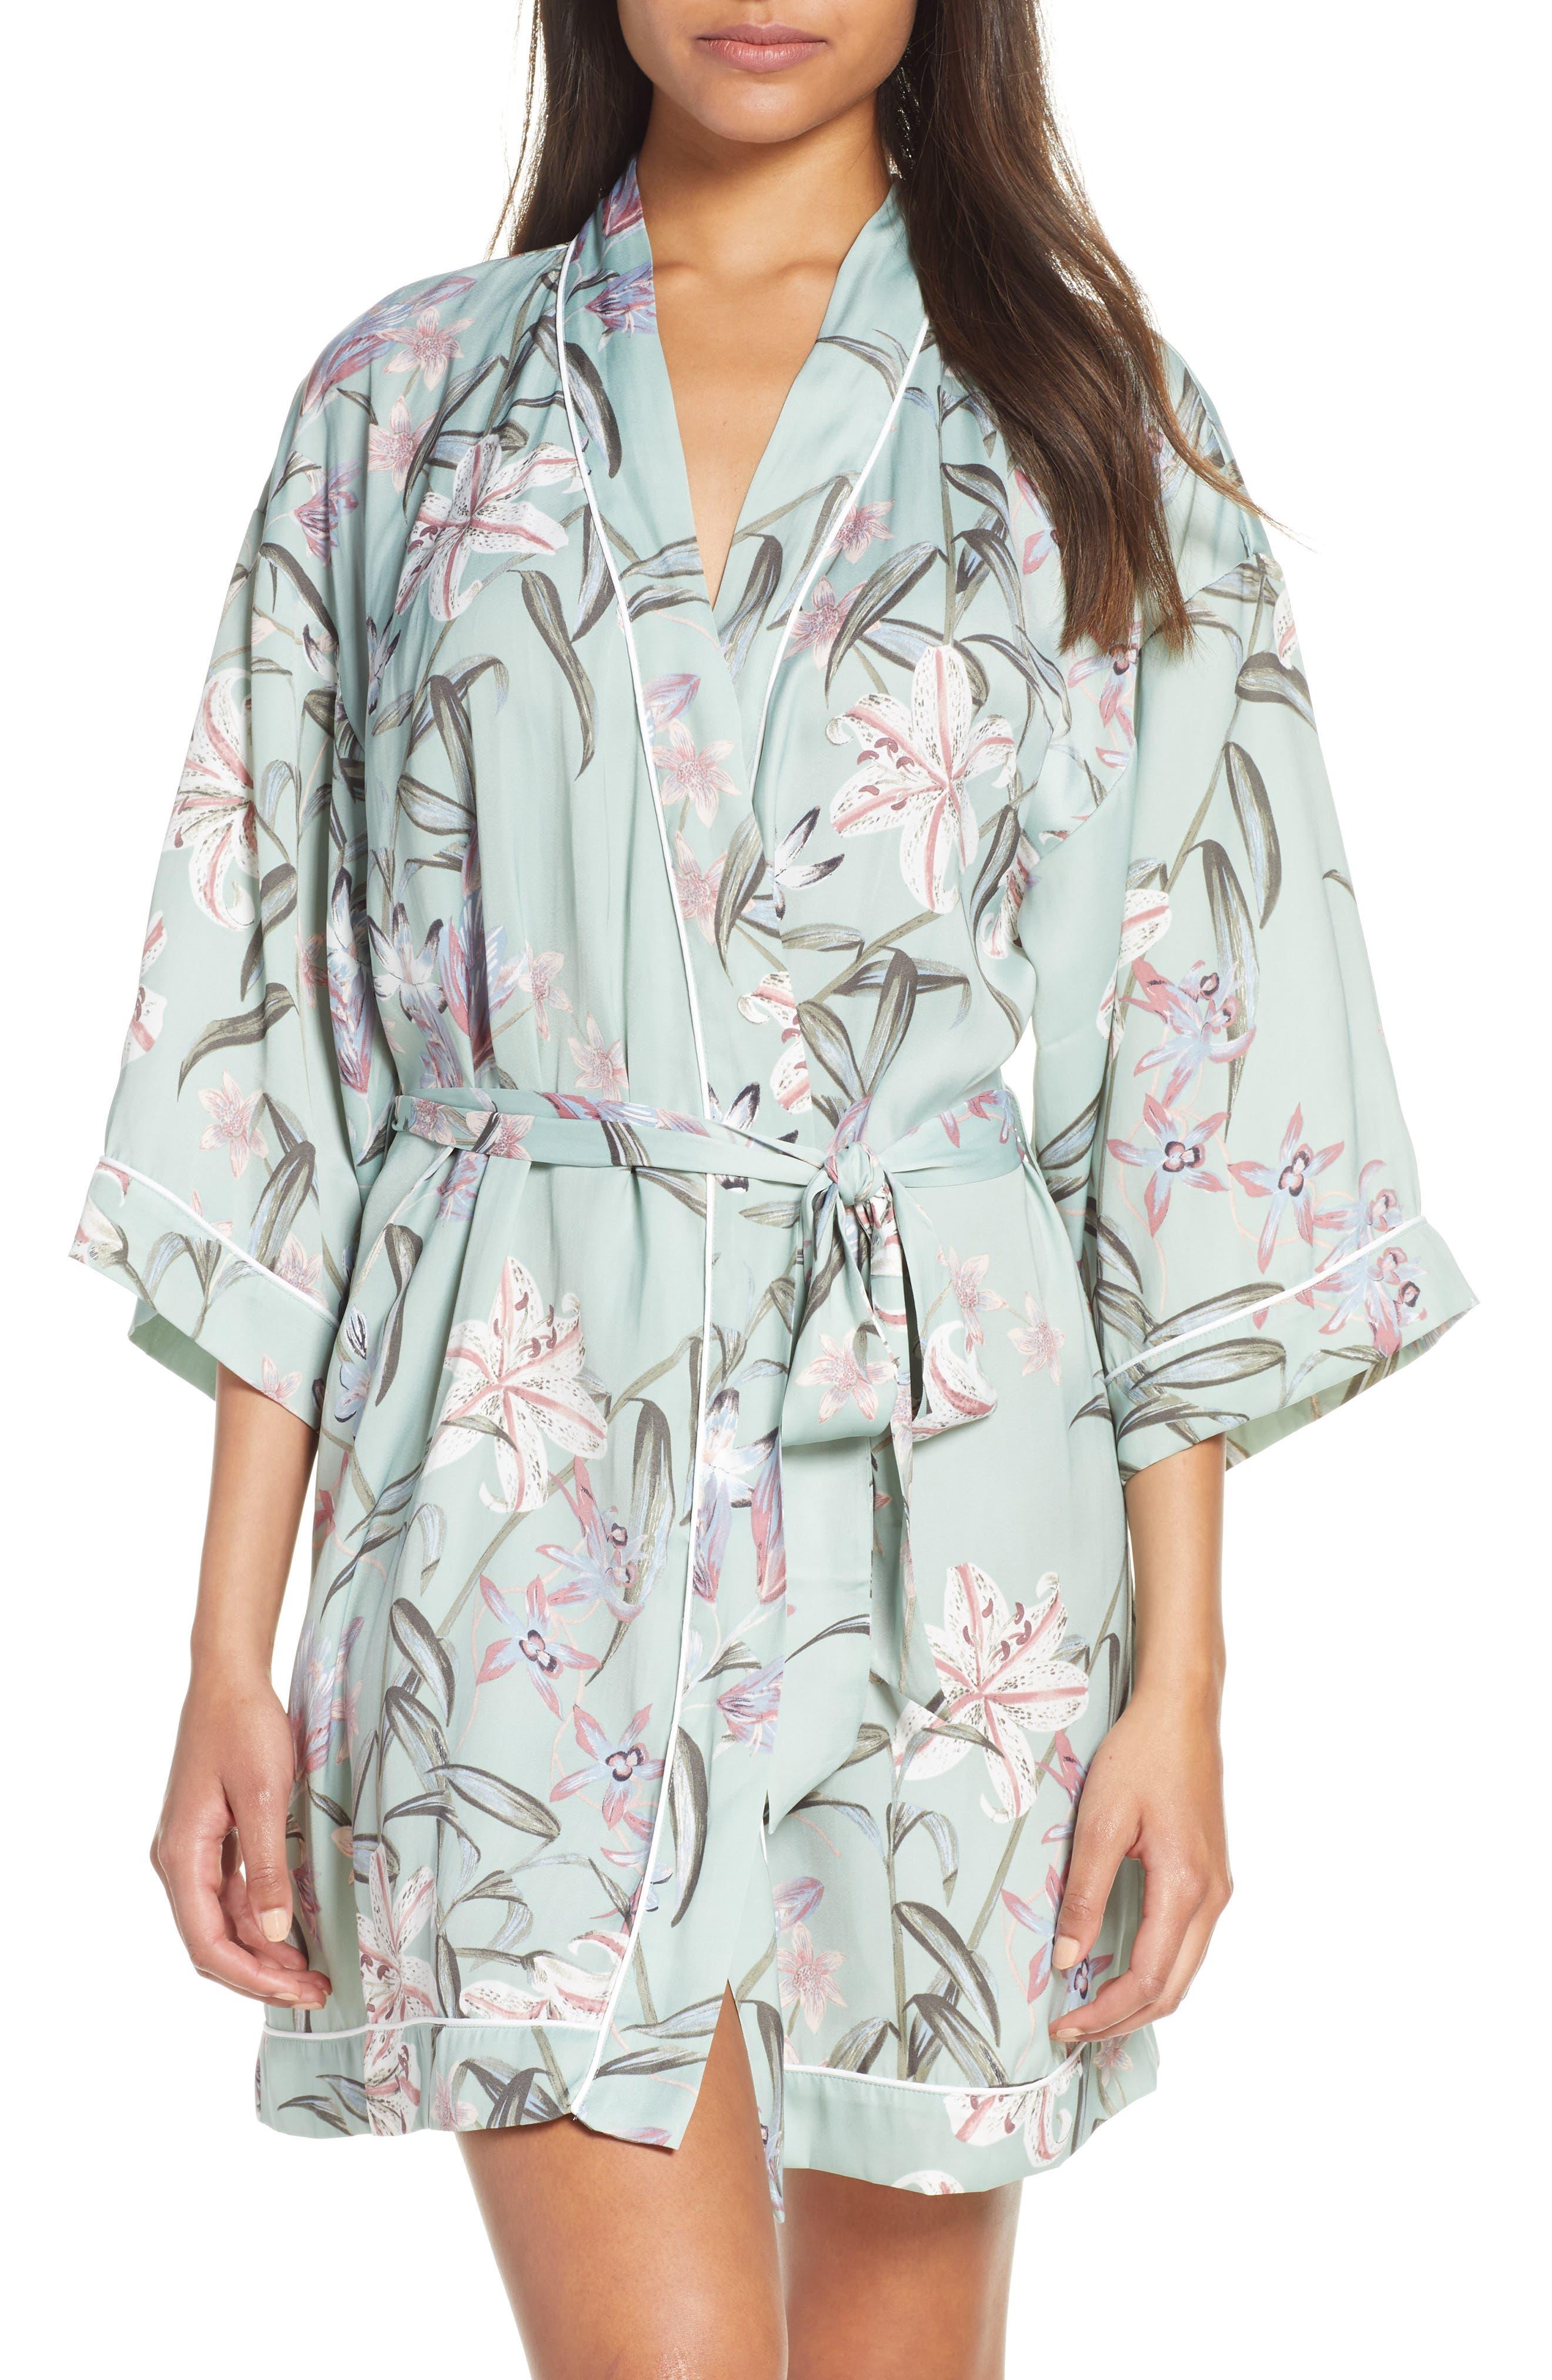 Nordstrom Lingerie Sweet Dreams Short Satin Robe (Regular & Plus Size)